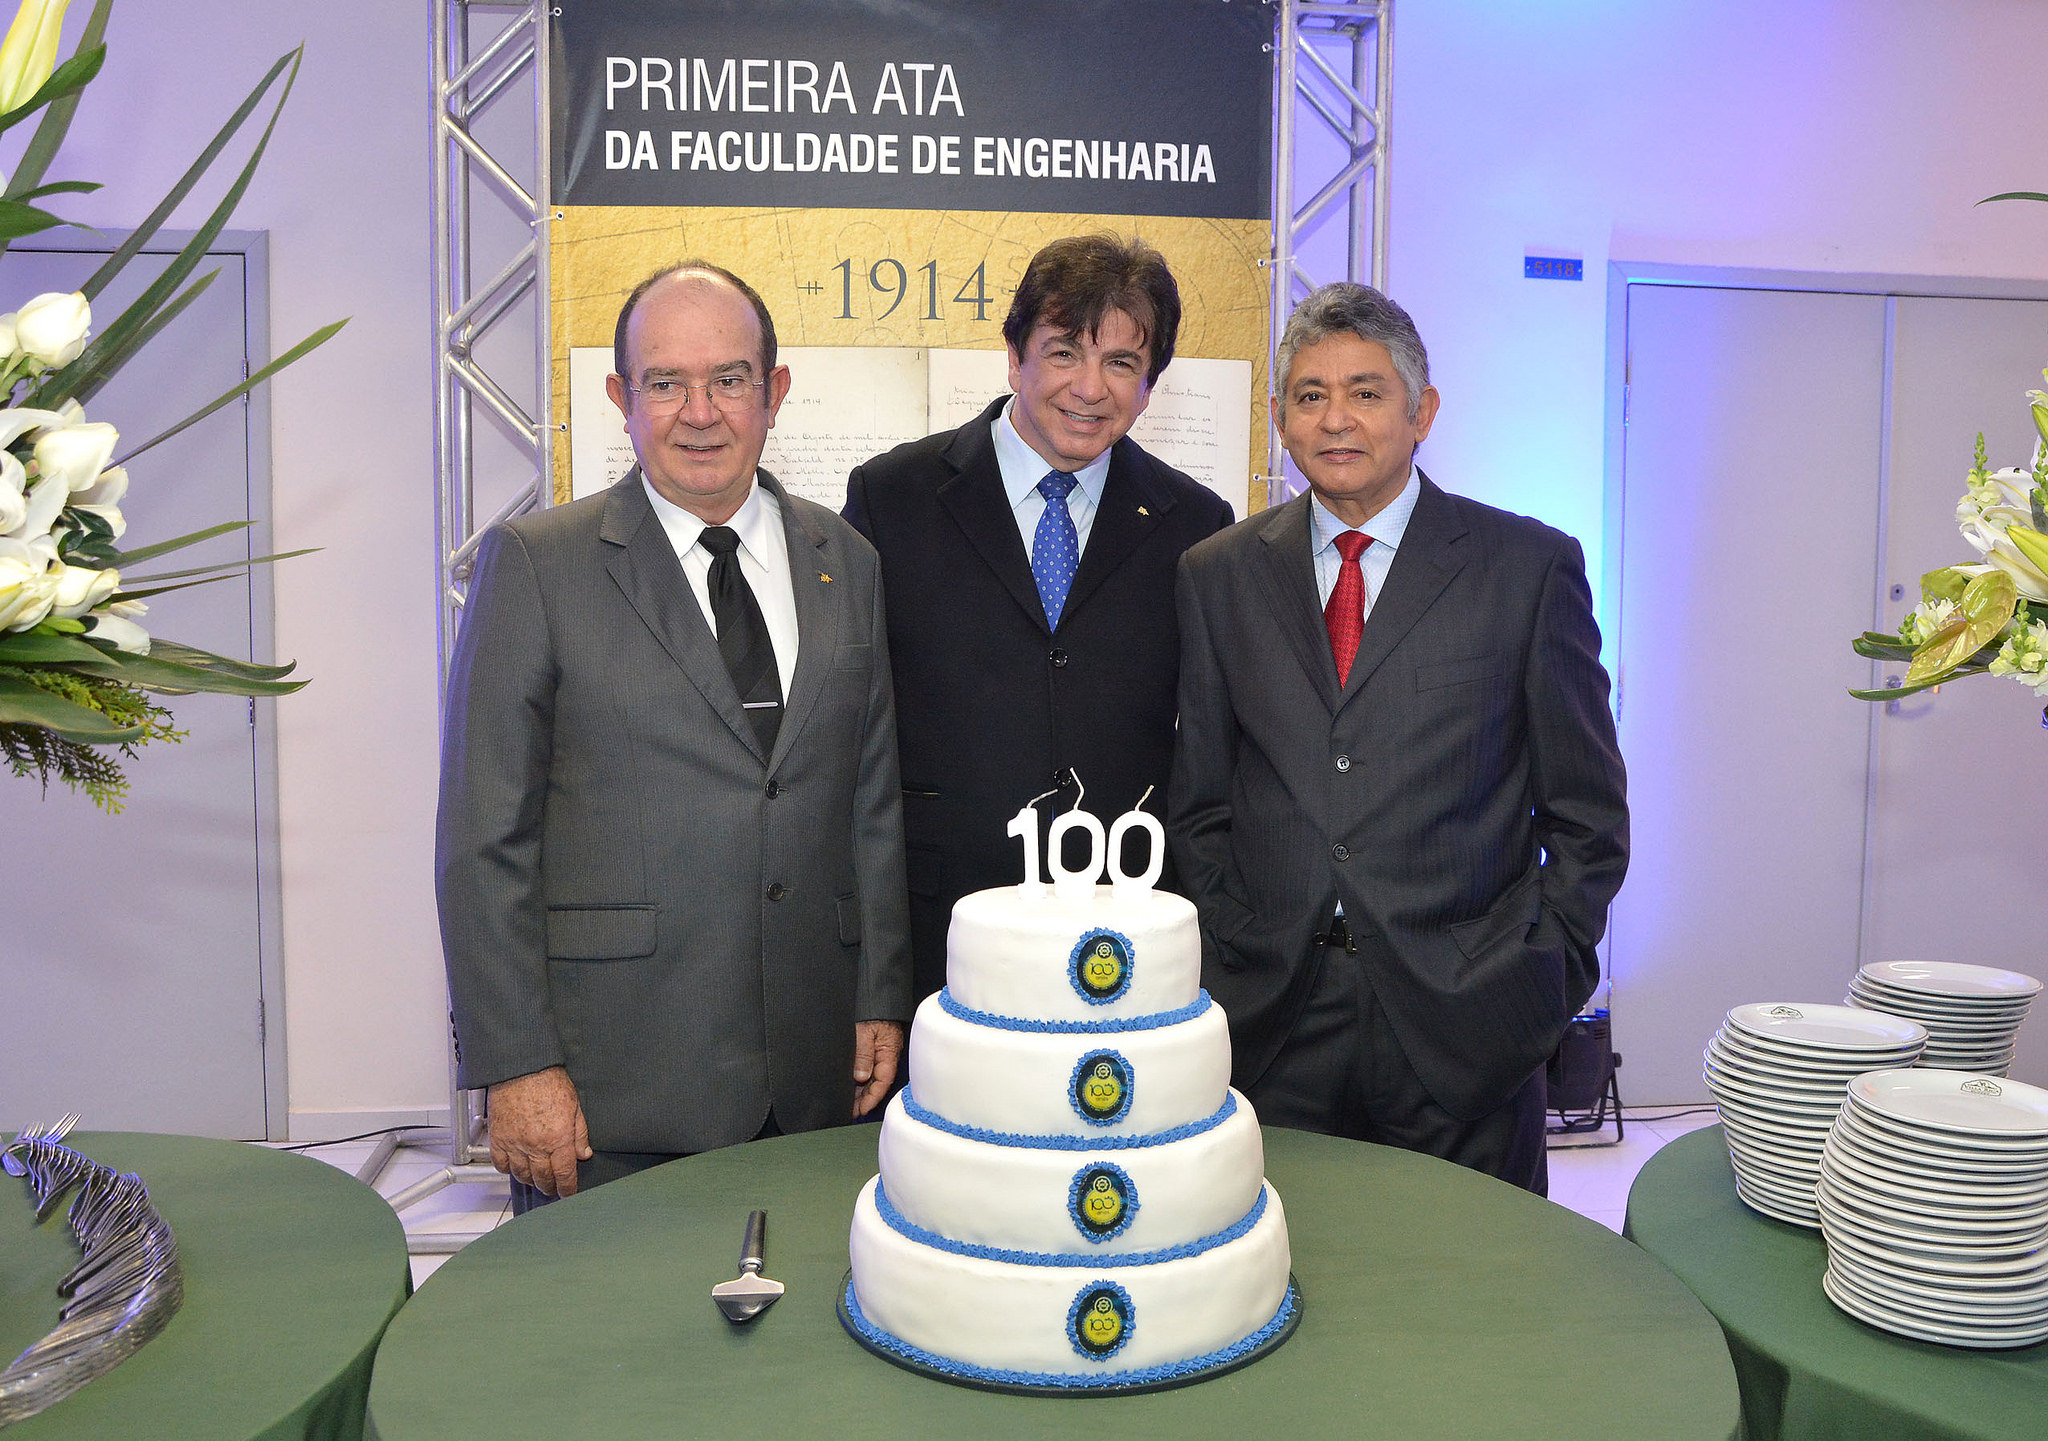 100 anos engenharia ufjf 11